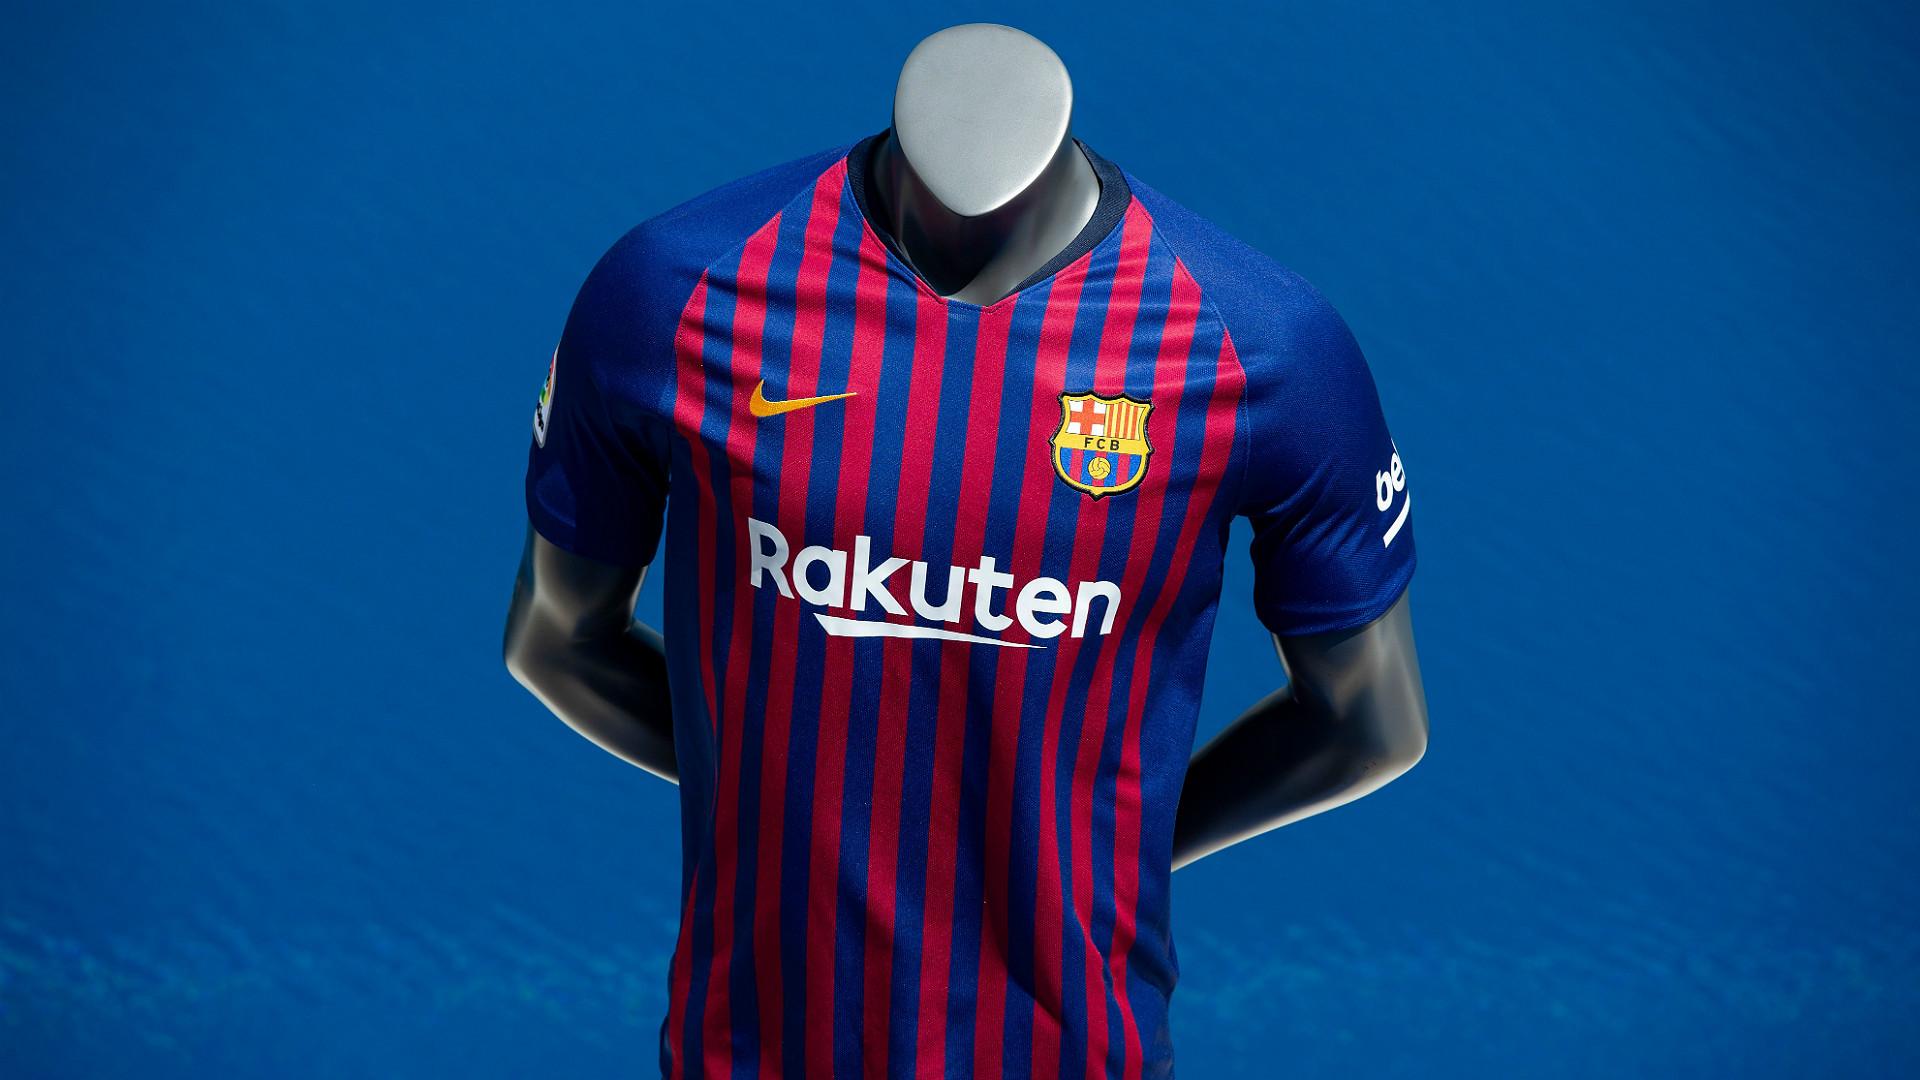 La camiseta del Barcelona  dónde comprar 990cf895d42